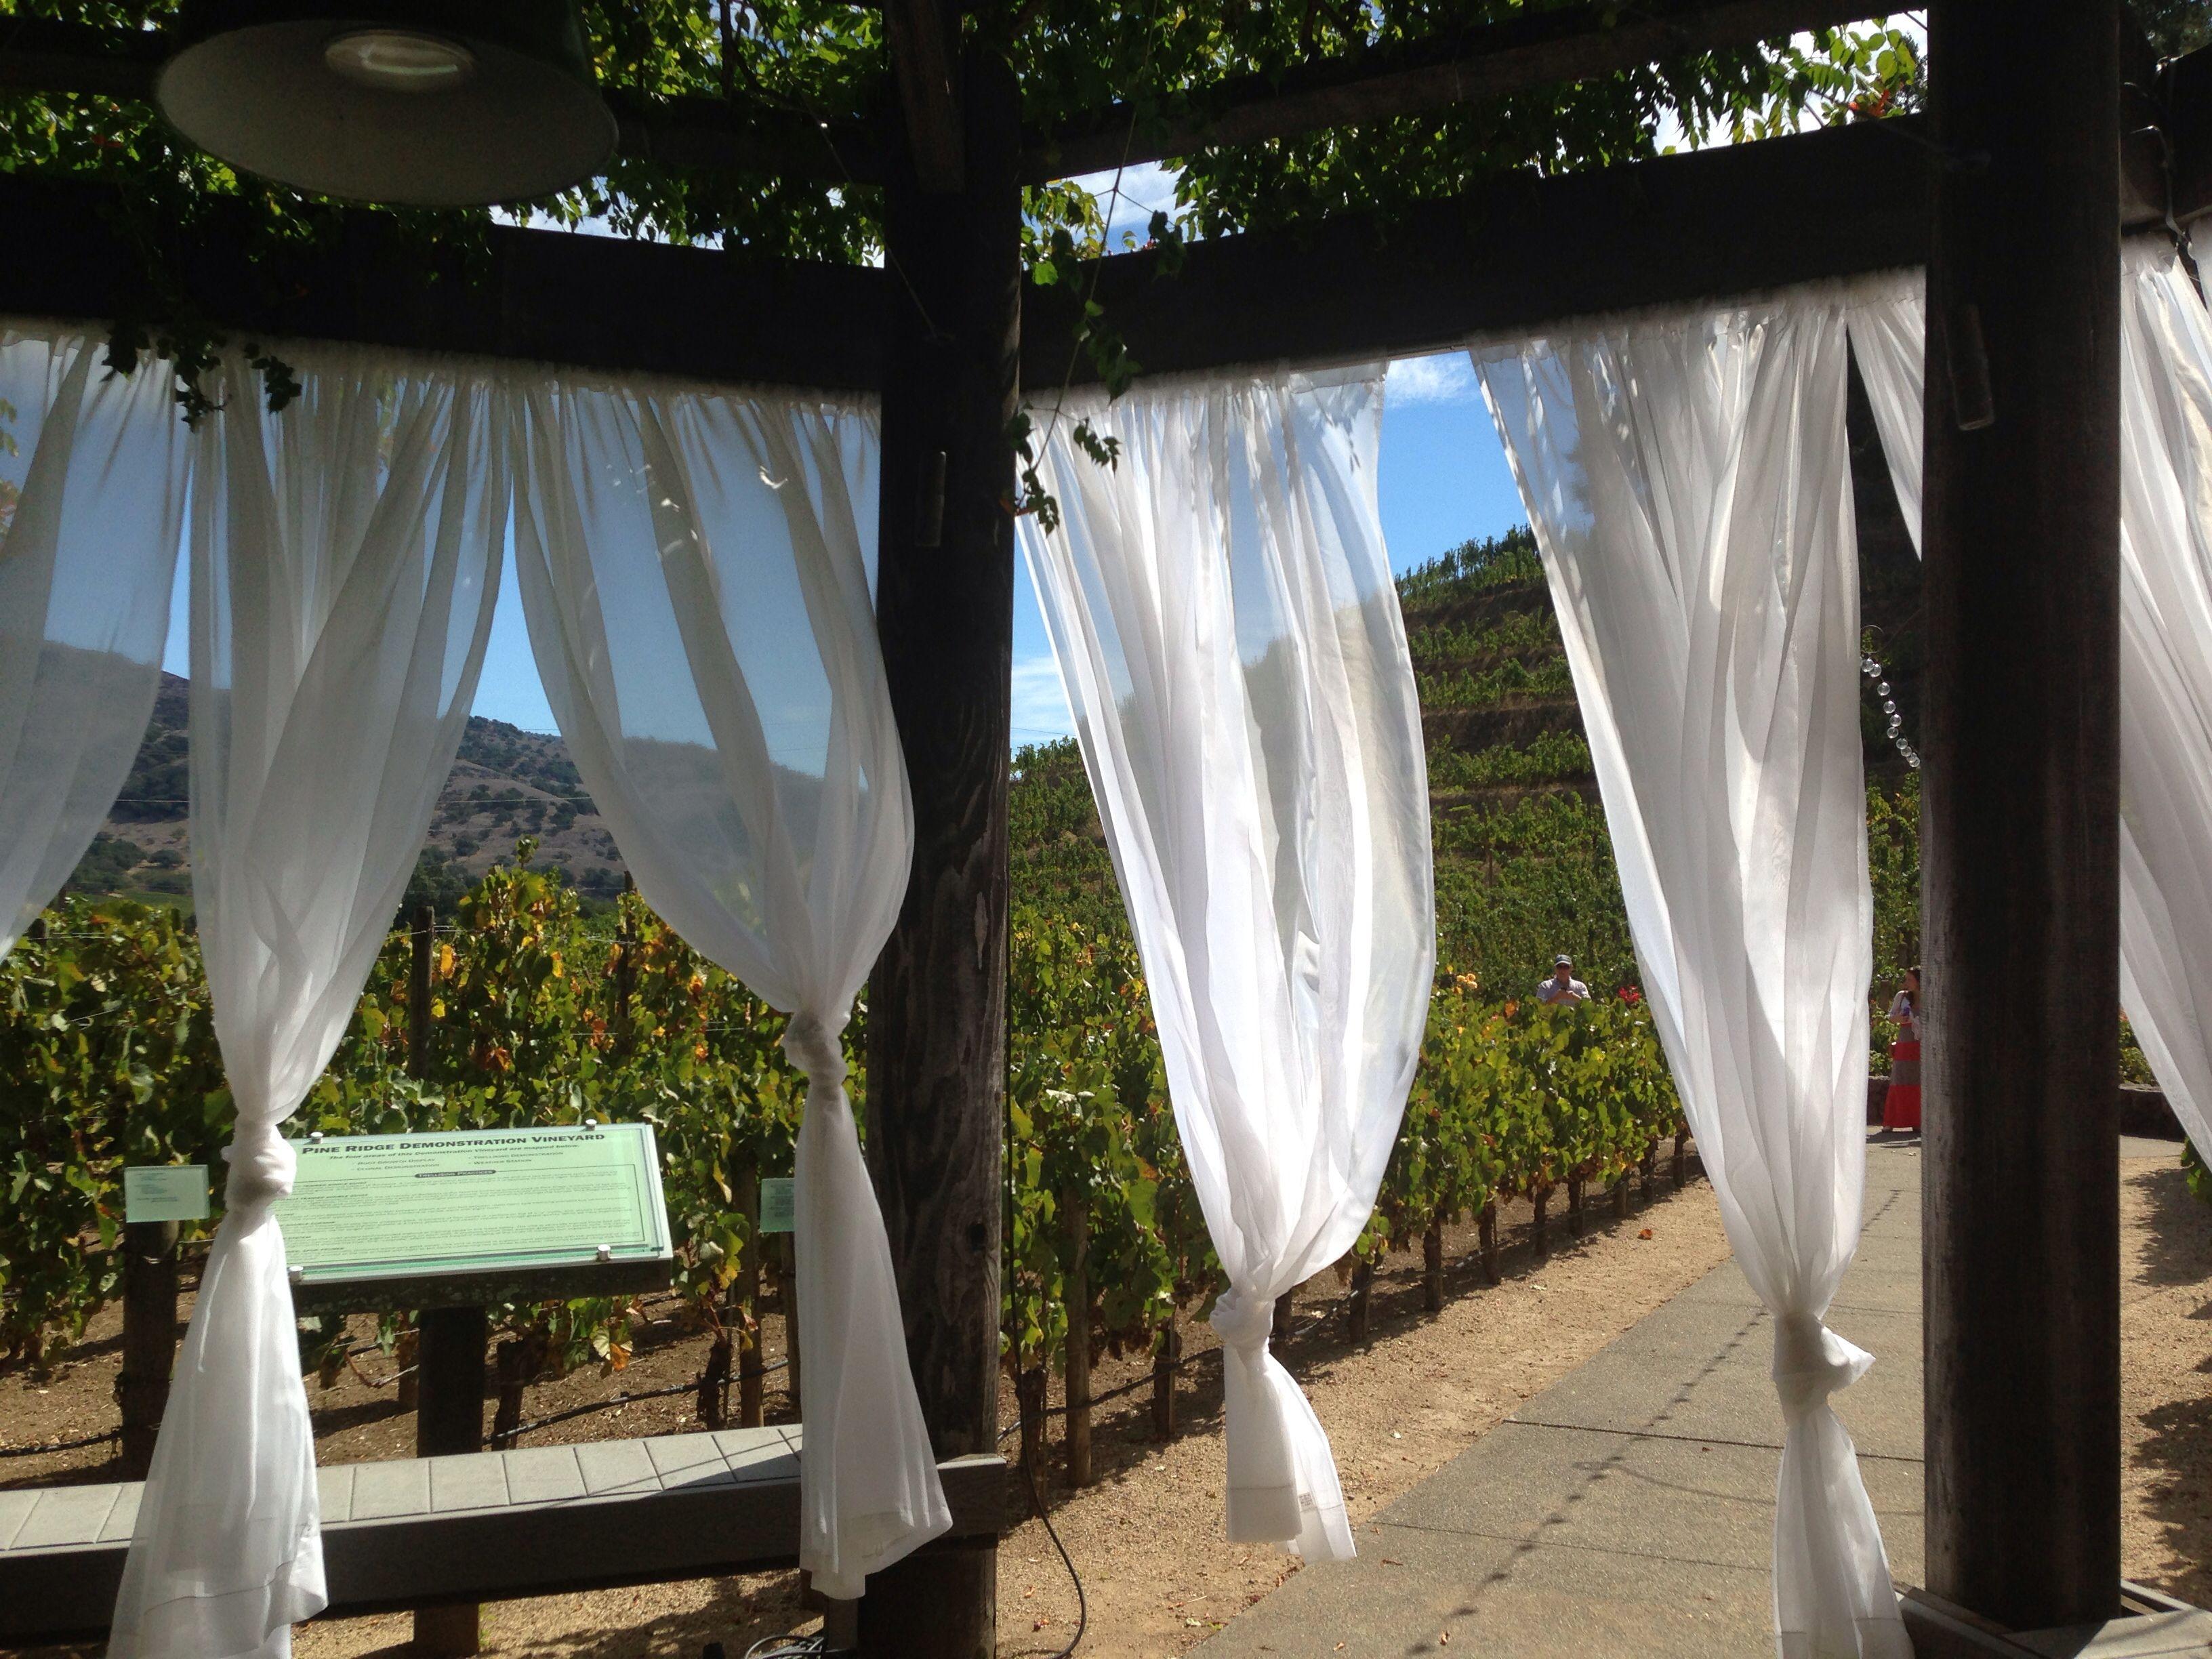 Napa Valley, Pine Ridge Winery | Pine ridge winery, Ridge ...